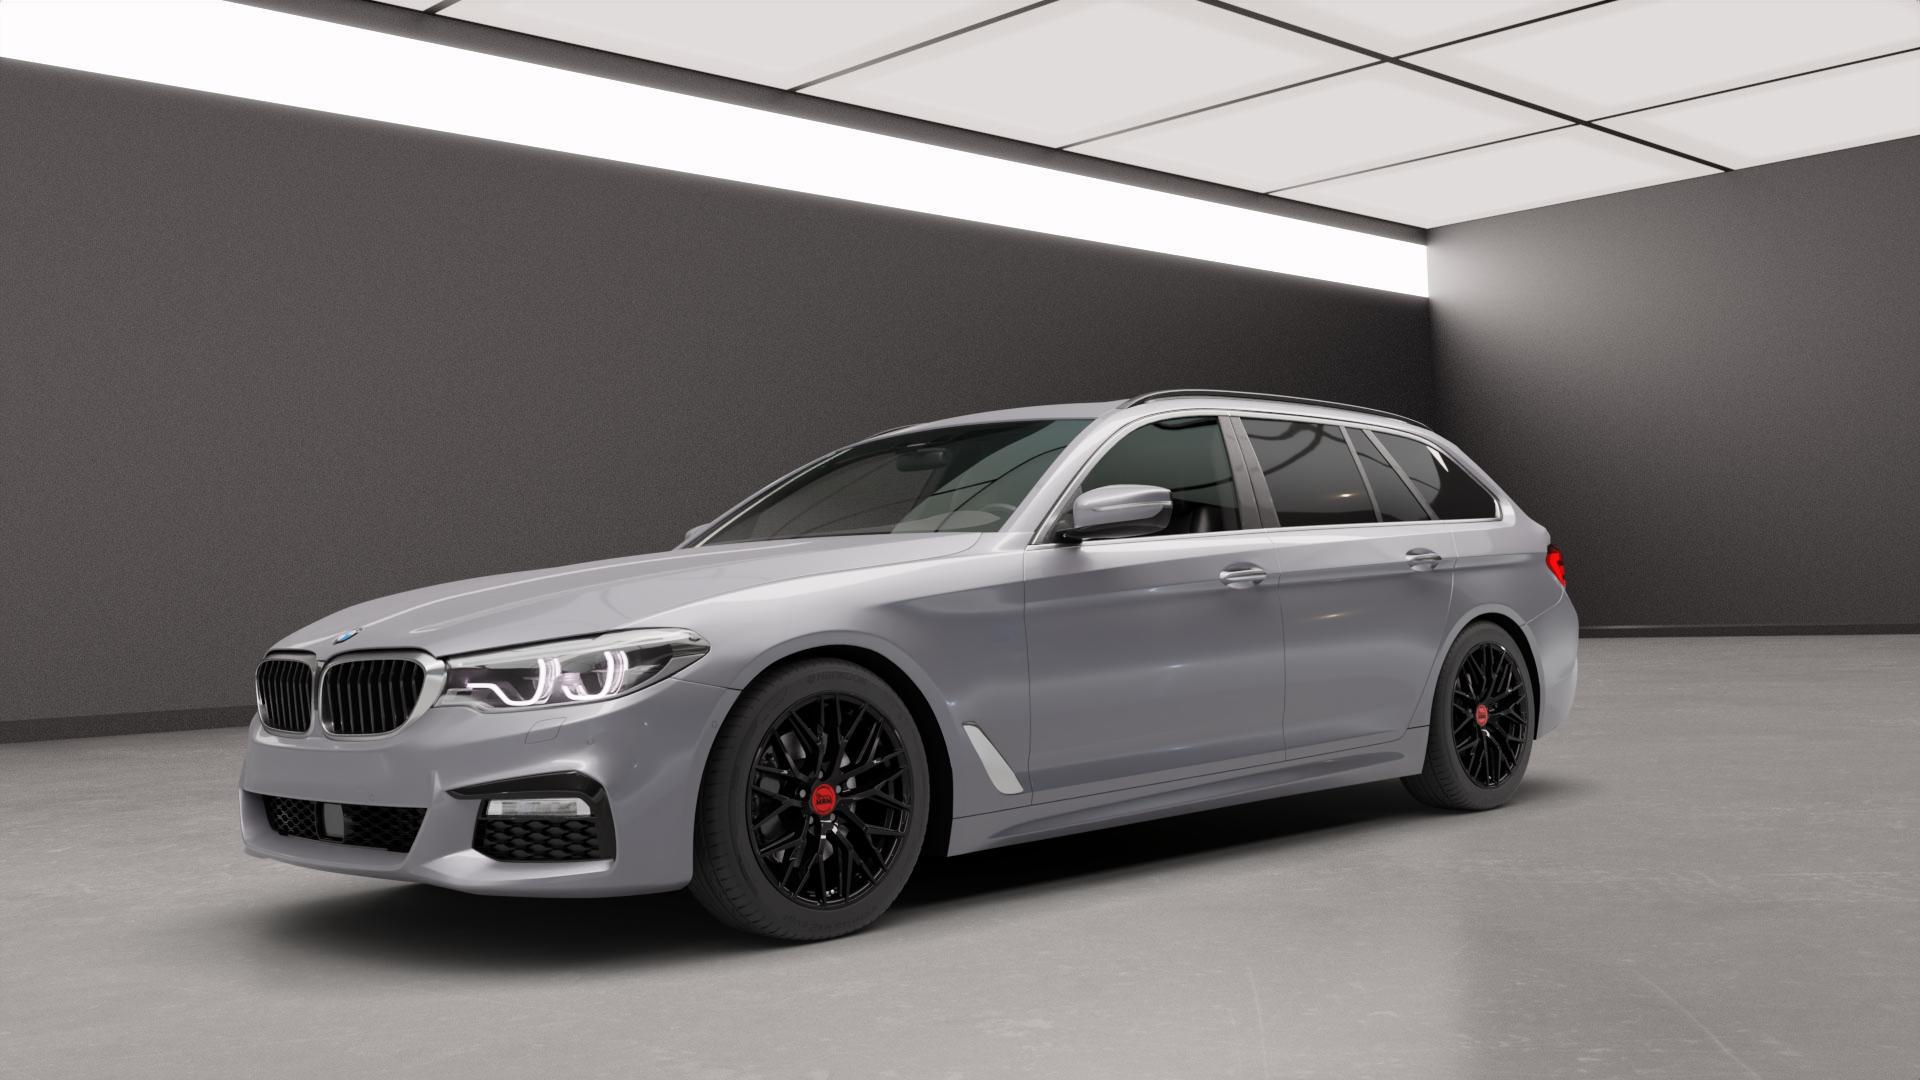 MAM RS4 BLACK PAINTED Felge mit Reifen schwarz in 18Zoll Winterfelge Alufelge auf silbernem BMW 5er G31 Touring (G5K) ⬇️ mit 15mm Tieferlegung ⬇️ Neutral_mid_max5300mm Frontansicht_1